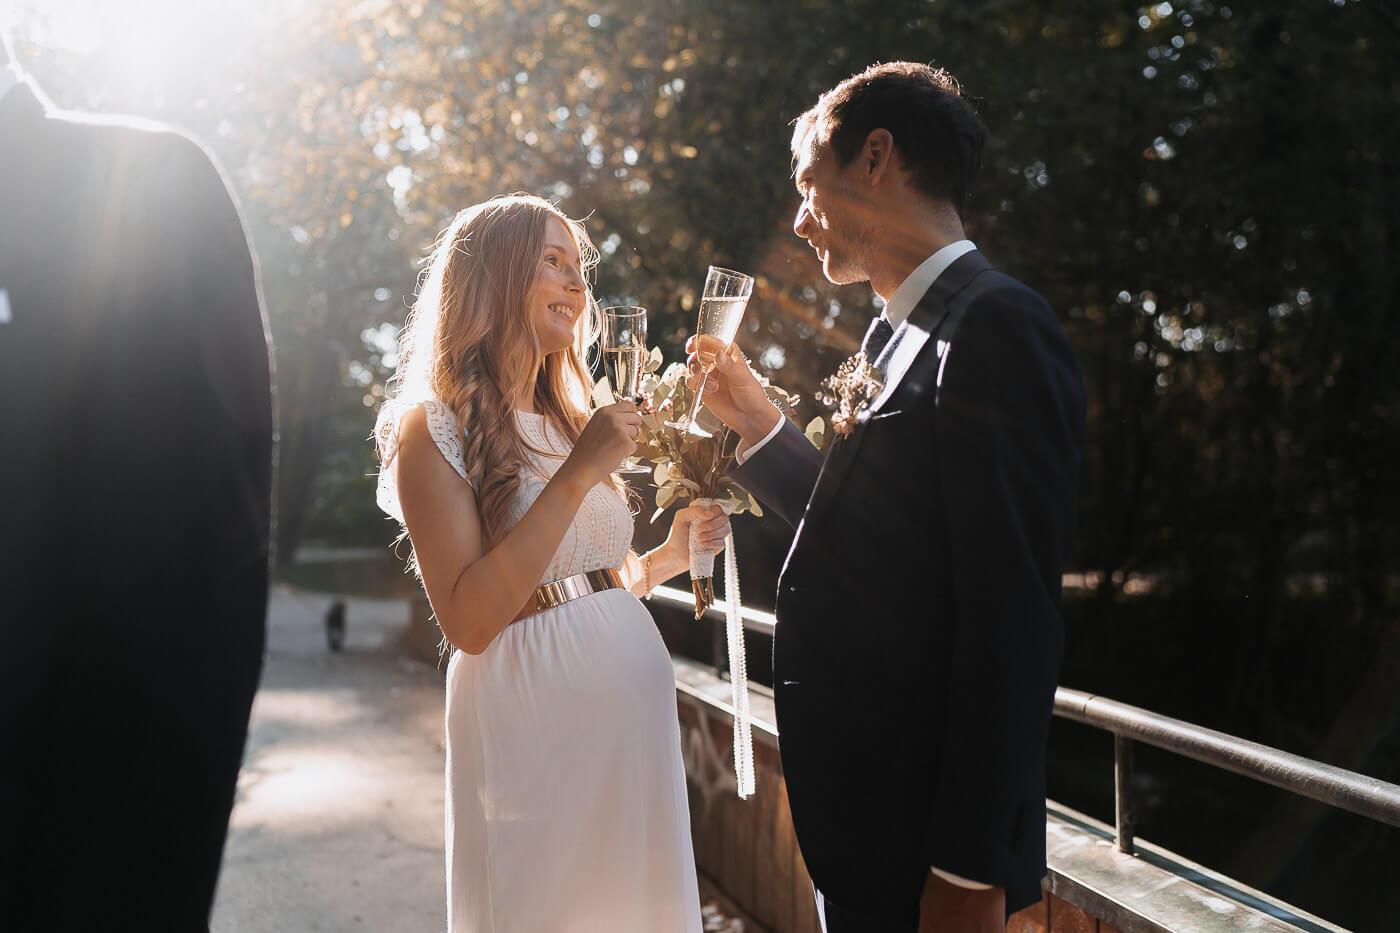 Sektempfang Hochzeit Standesamt